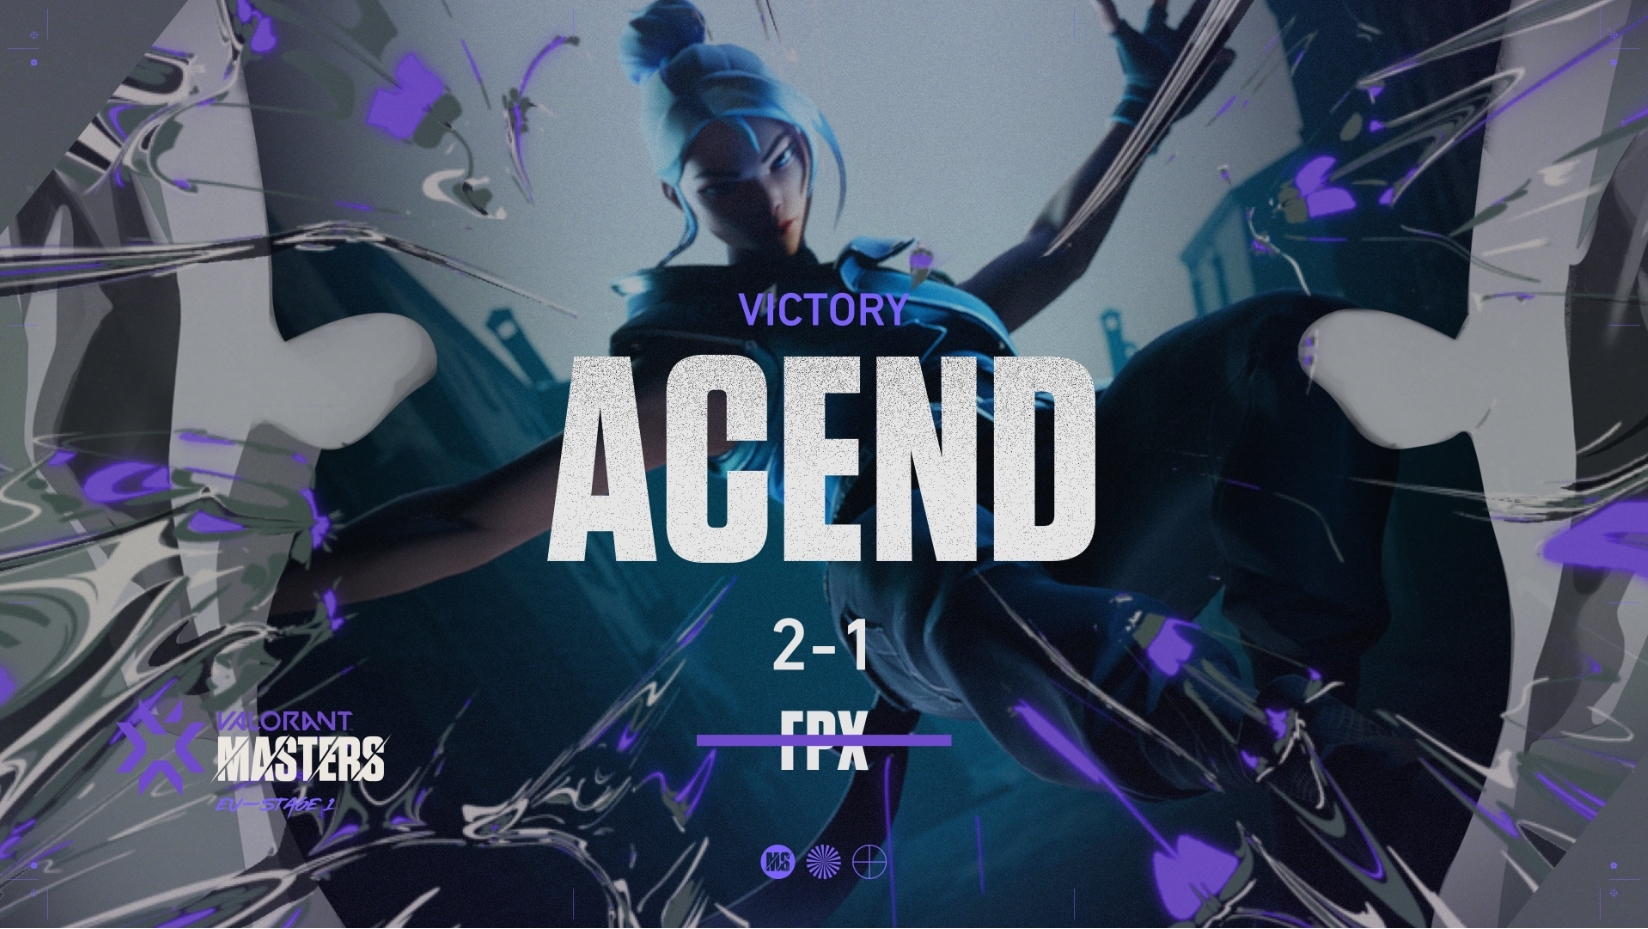 EU Masters: Acend continues Cinderella run; to meet Team Heretics in final  - Valorant | esports.com